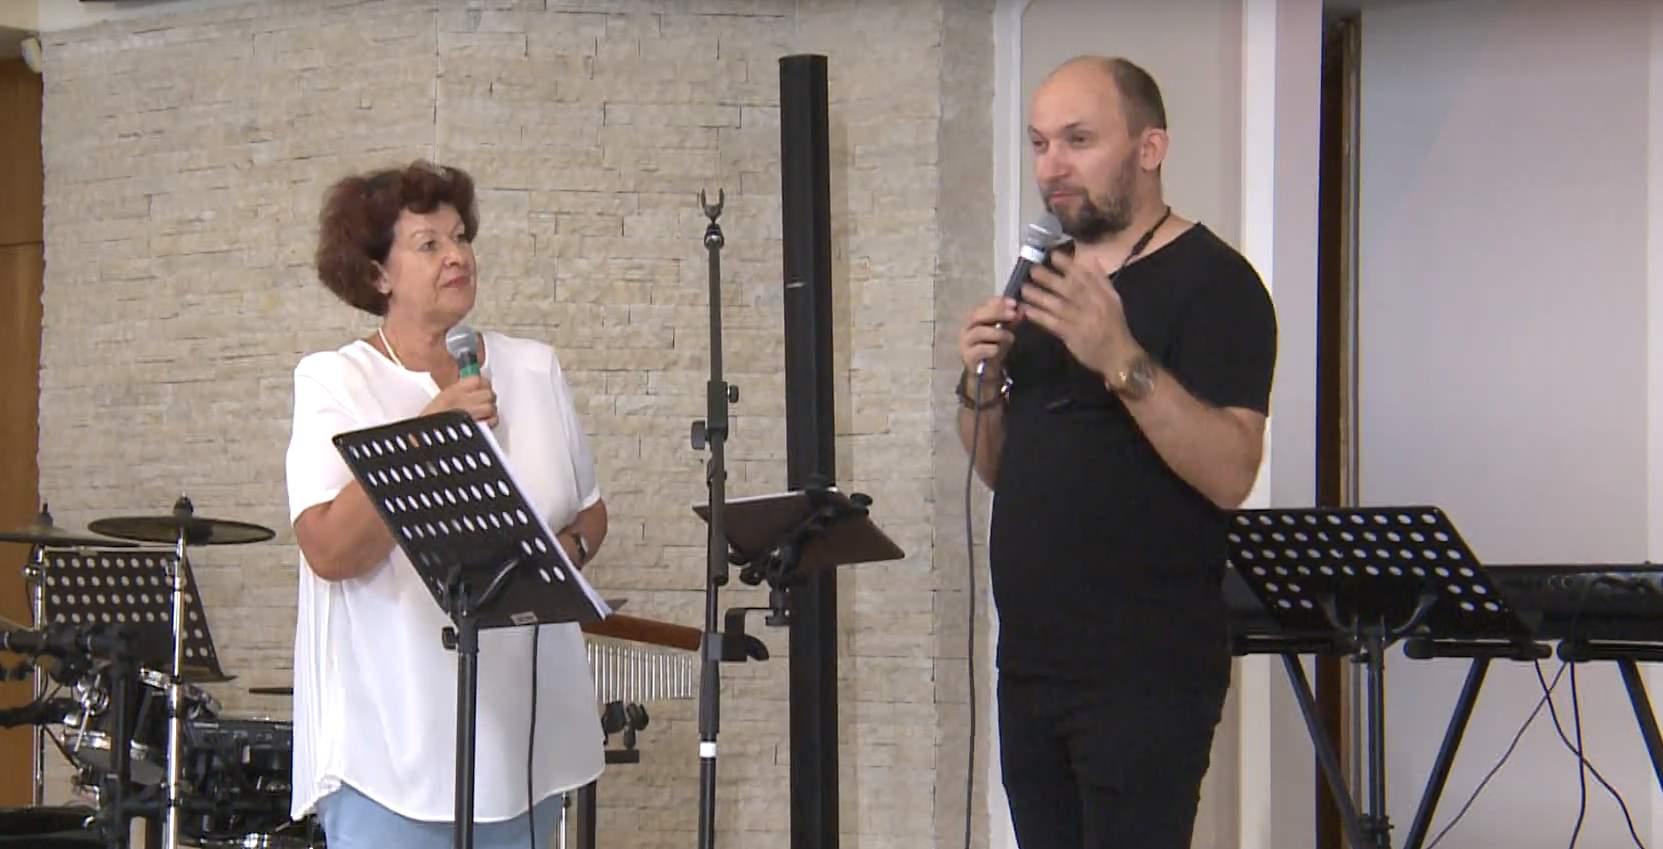 «Источник внутри тебя» проповедует Виталий Ефремочкин (Киев)